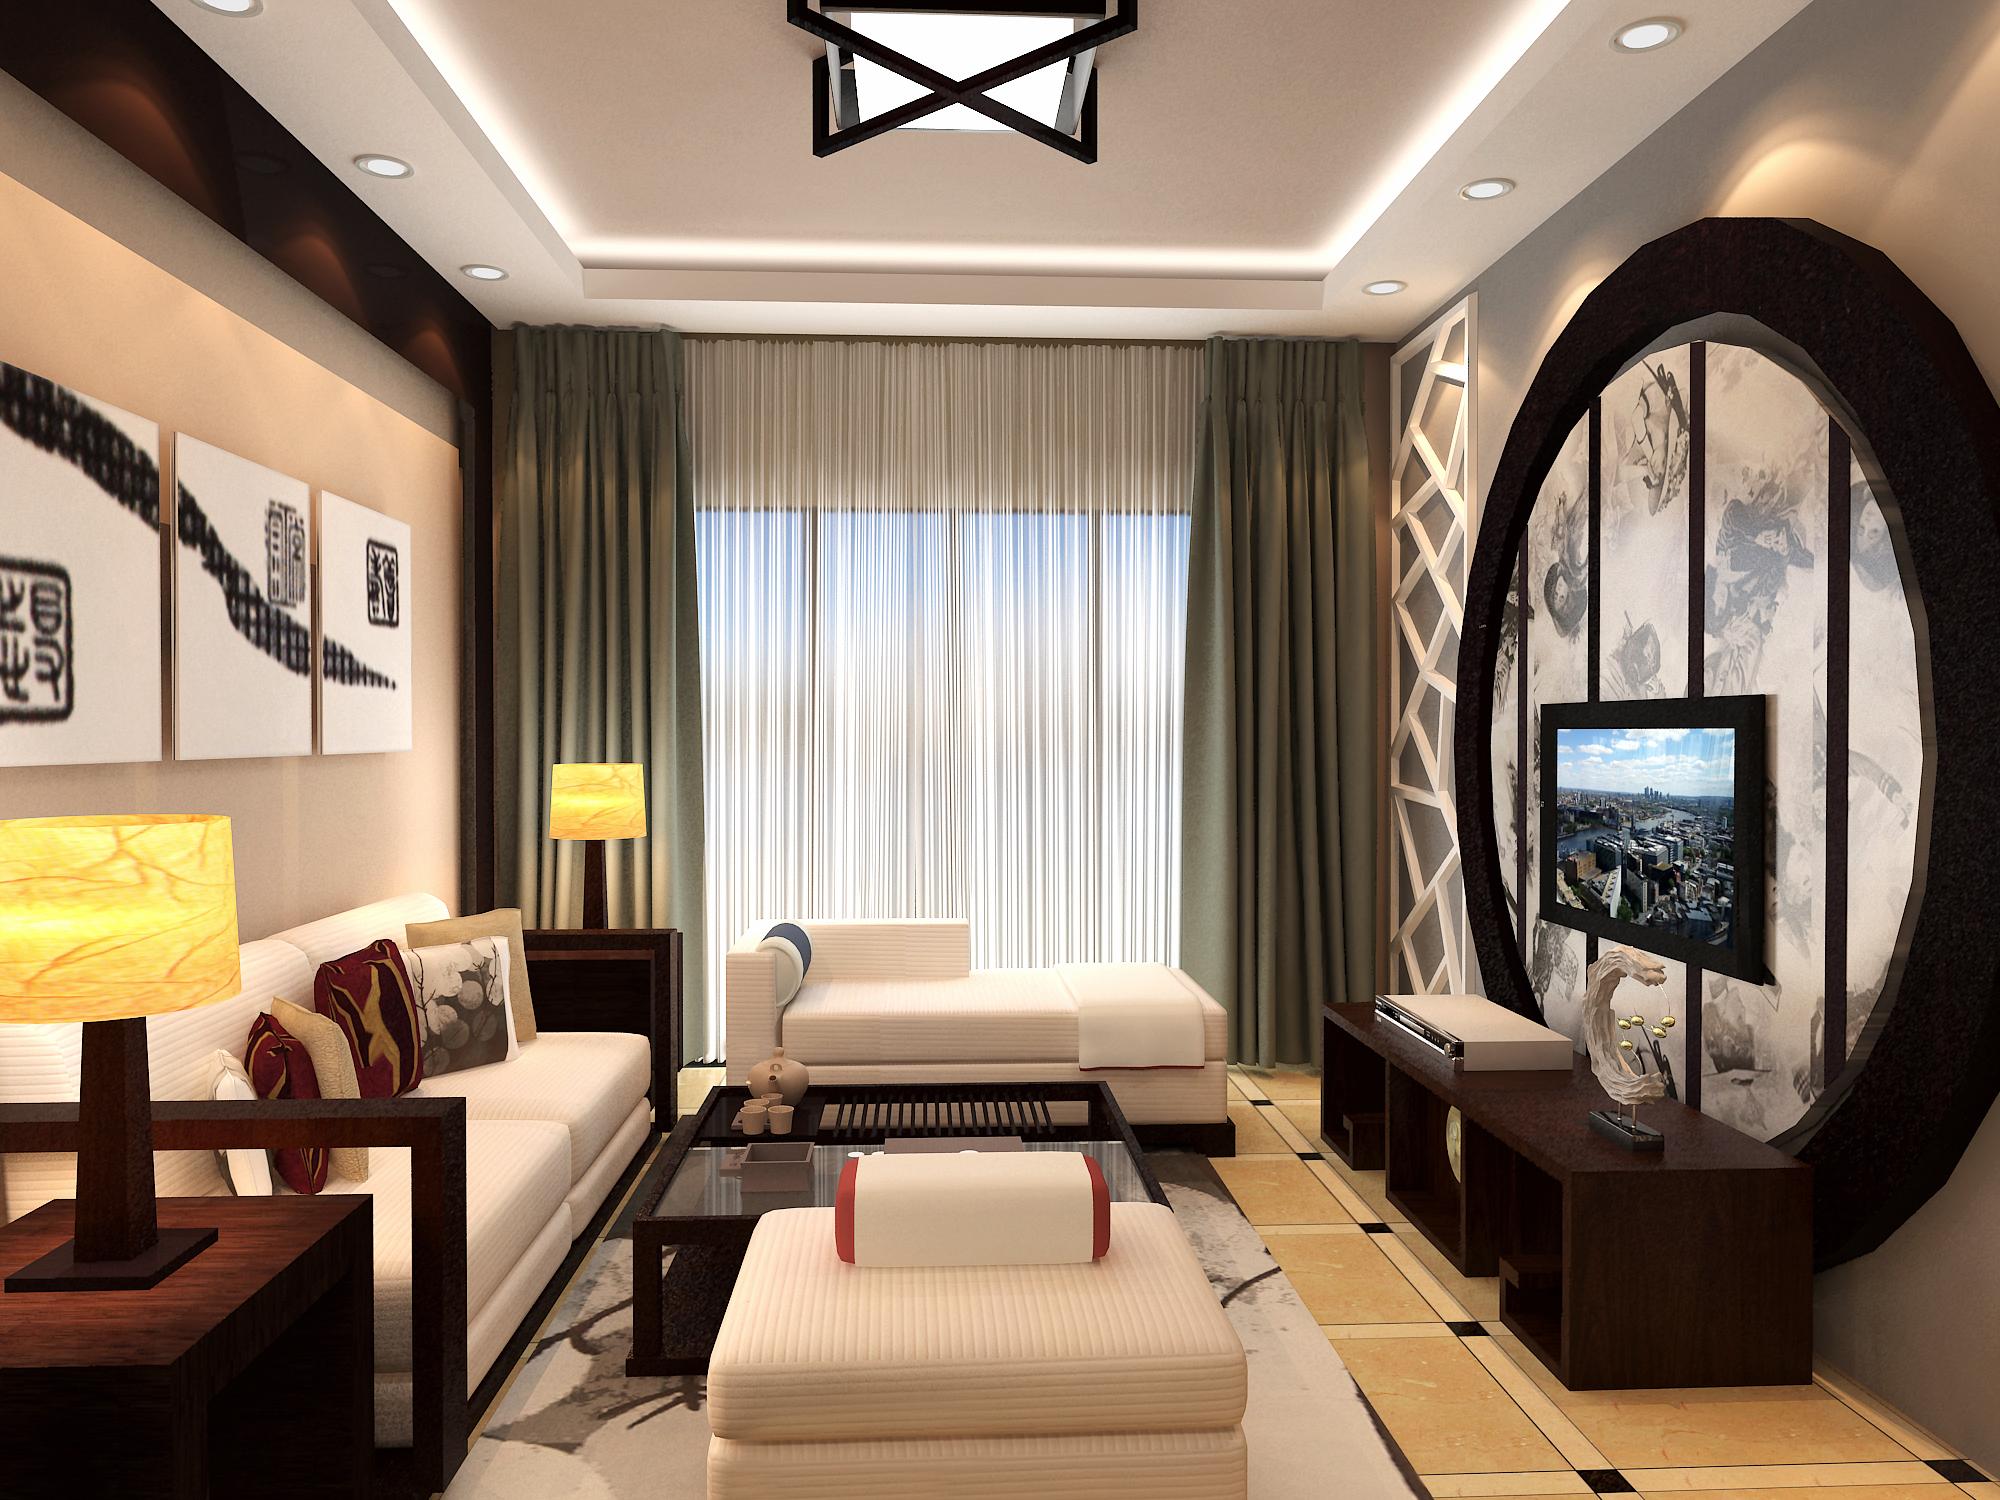 新中式室内效果图 空间 室内设计 野桜 - 原创作品